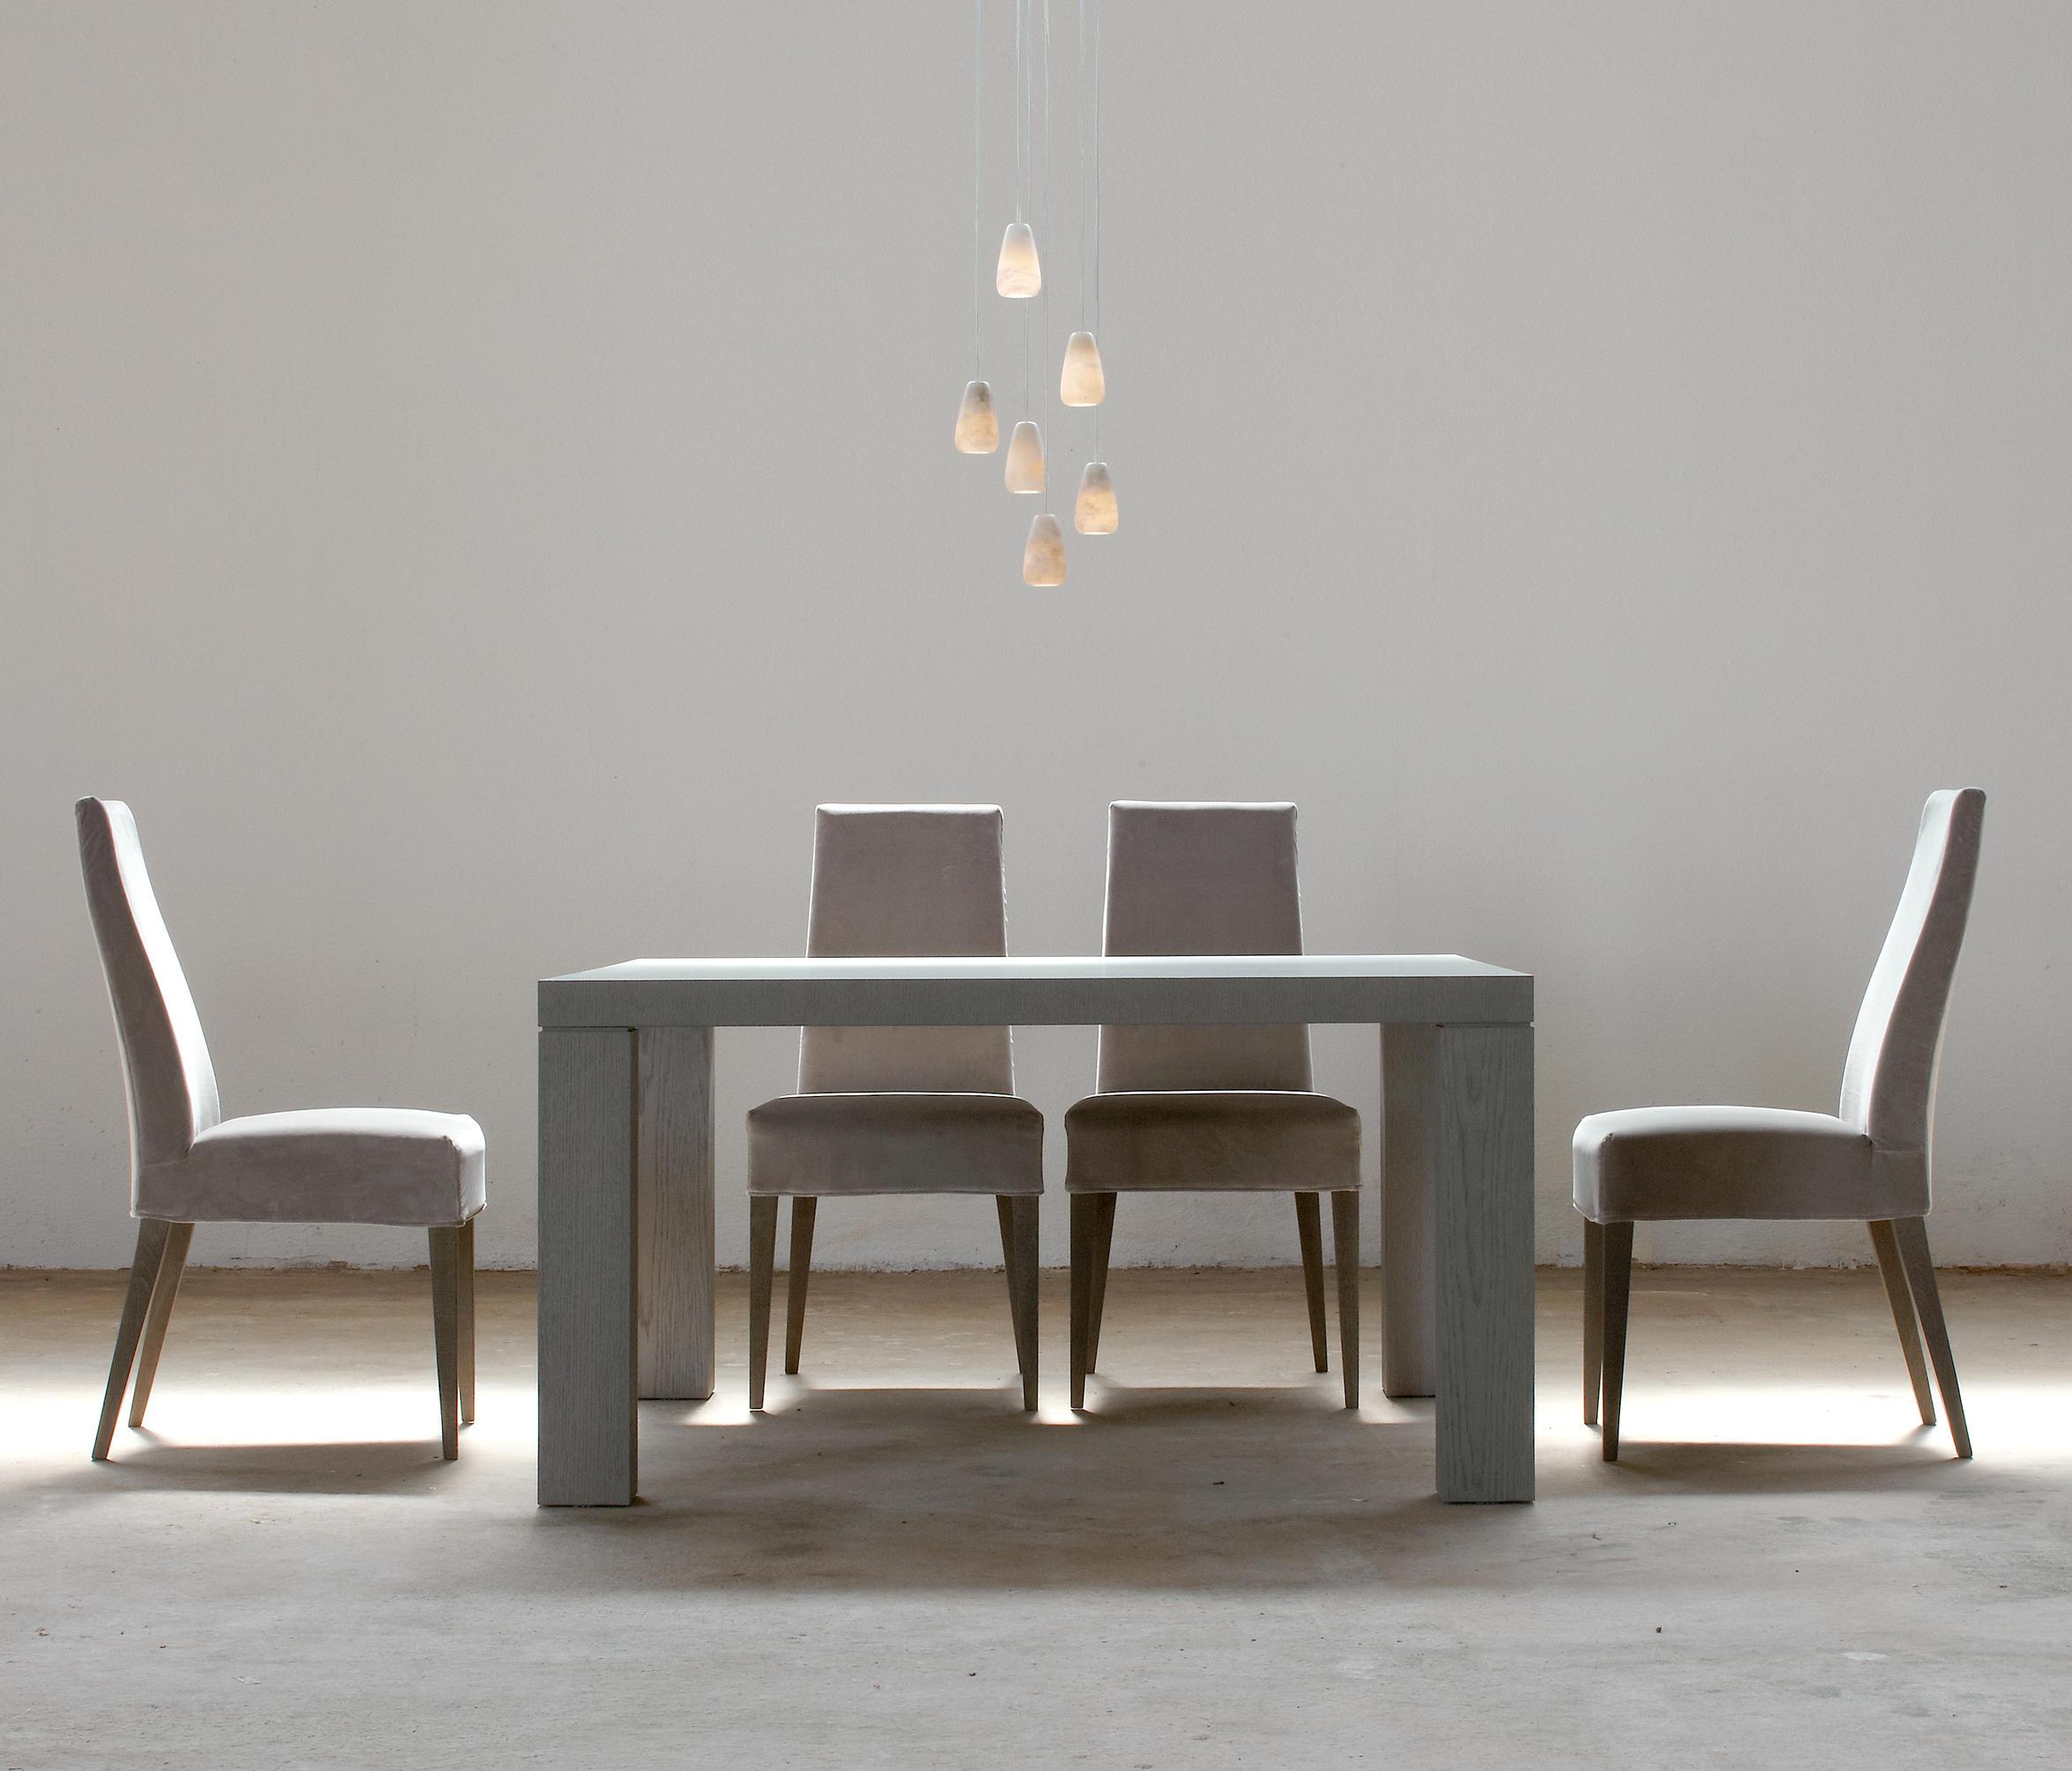 Eterno mesa & muebles de diseño | Architonic